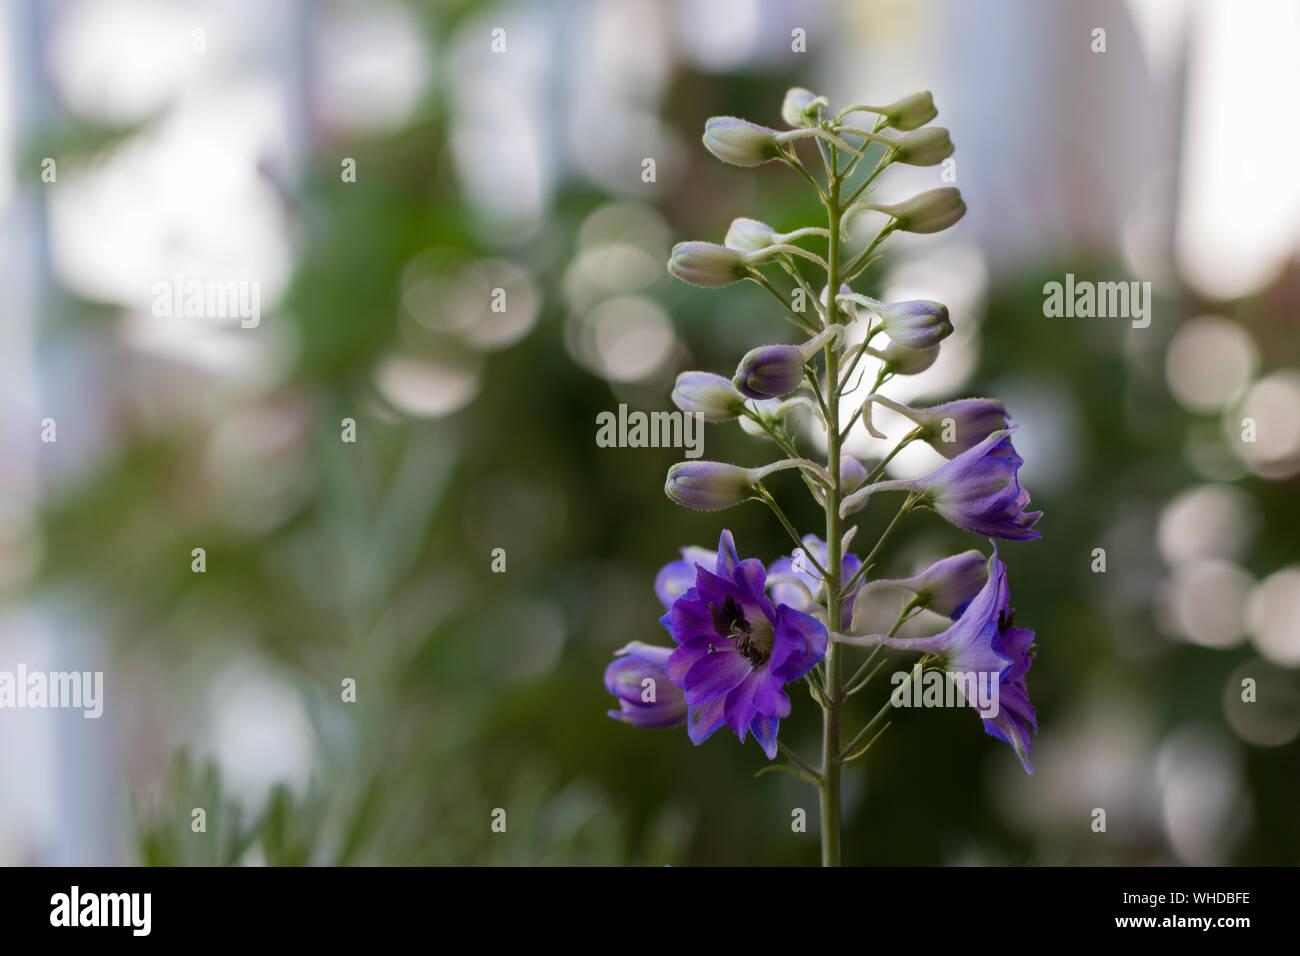 Aufblühender Blütenstand einer blau-violetten Rittersporn-Hybride mit vielen Knospen. Natürliches Licht, unscharfer Hintergrund. Stock Photo